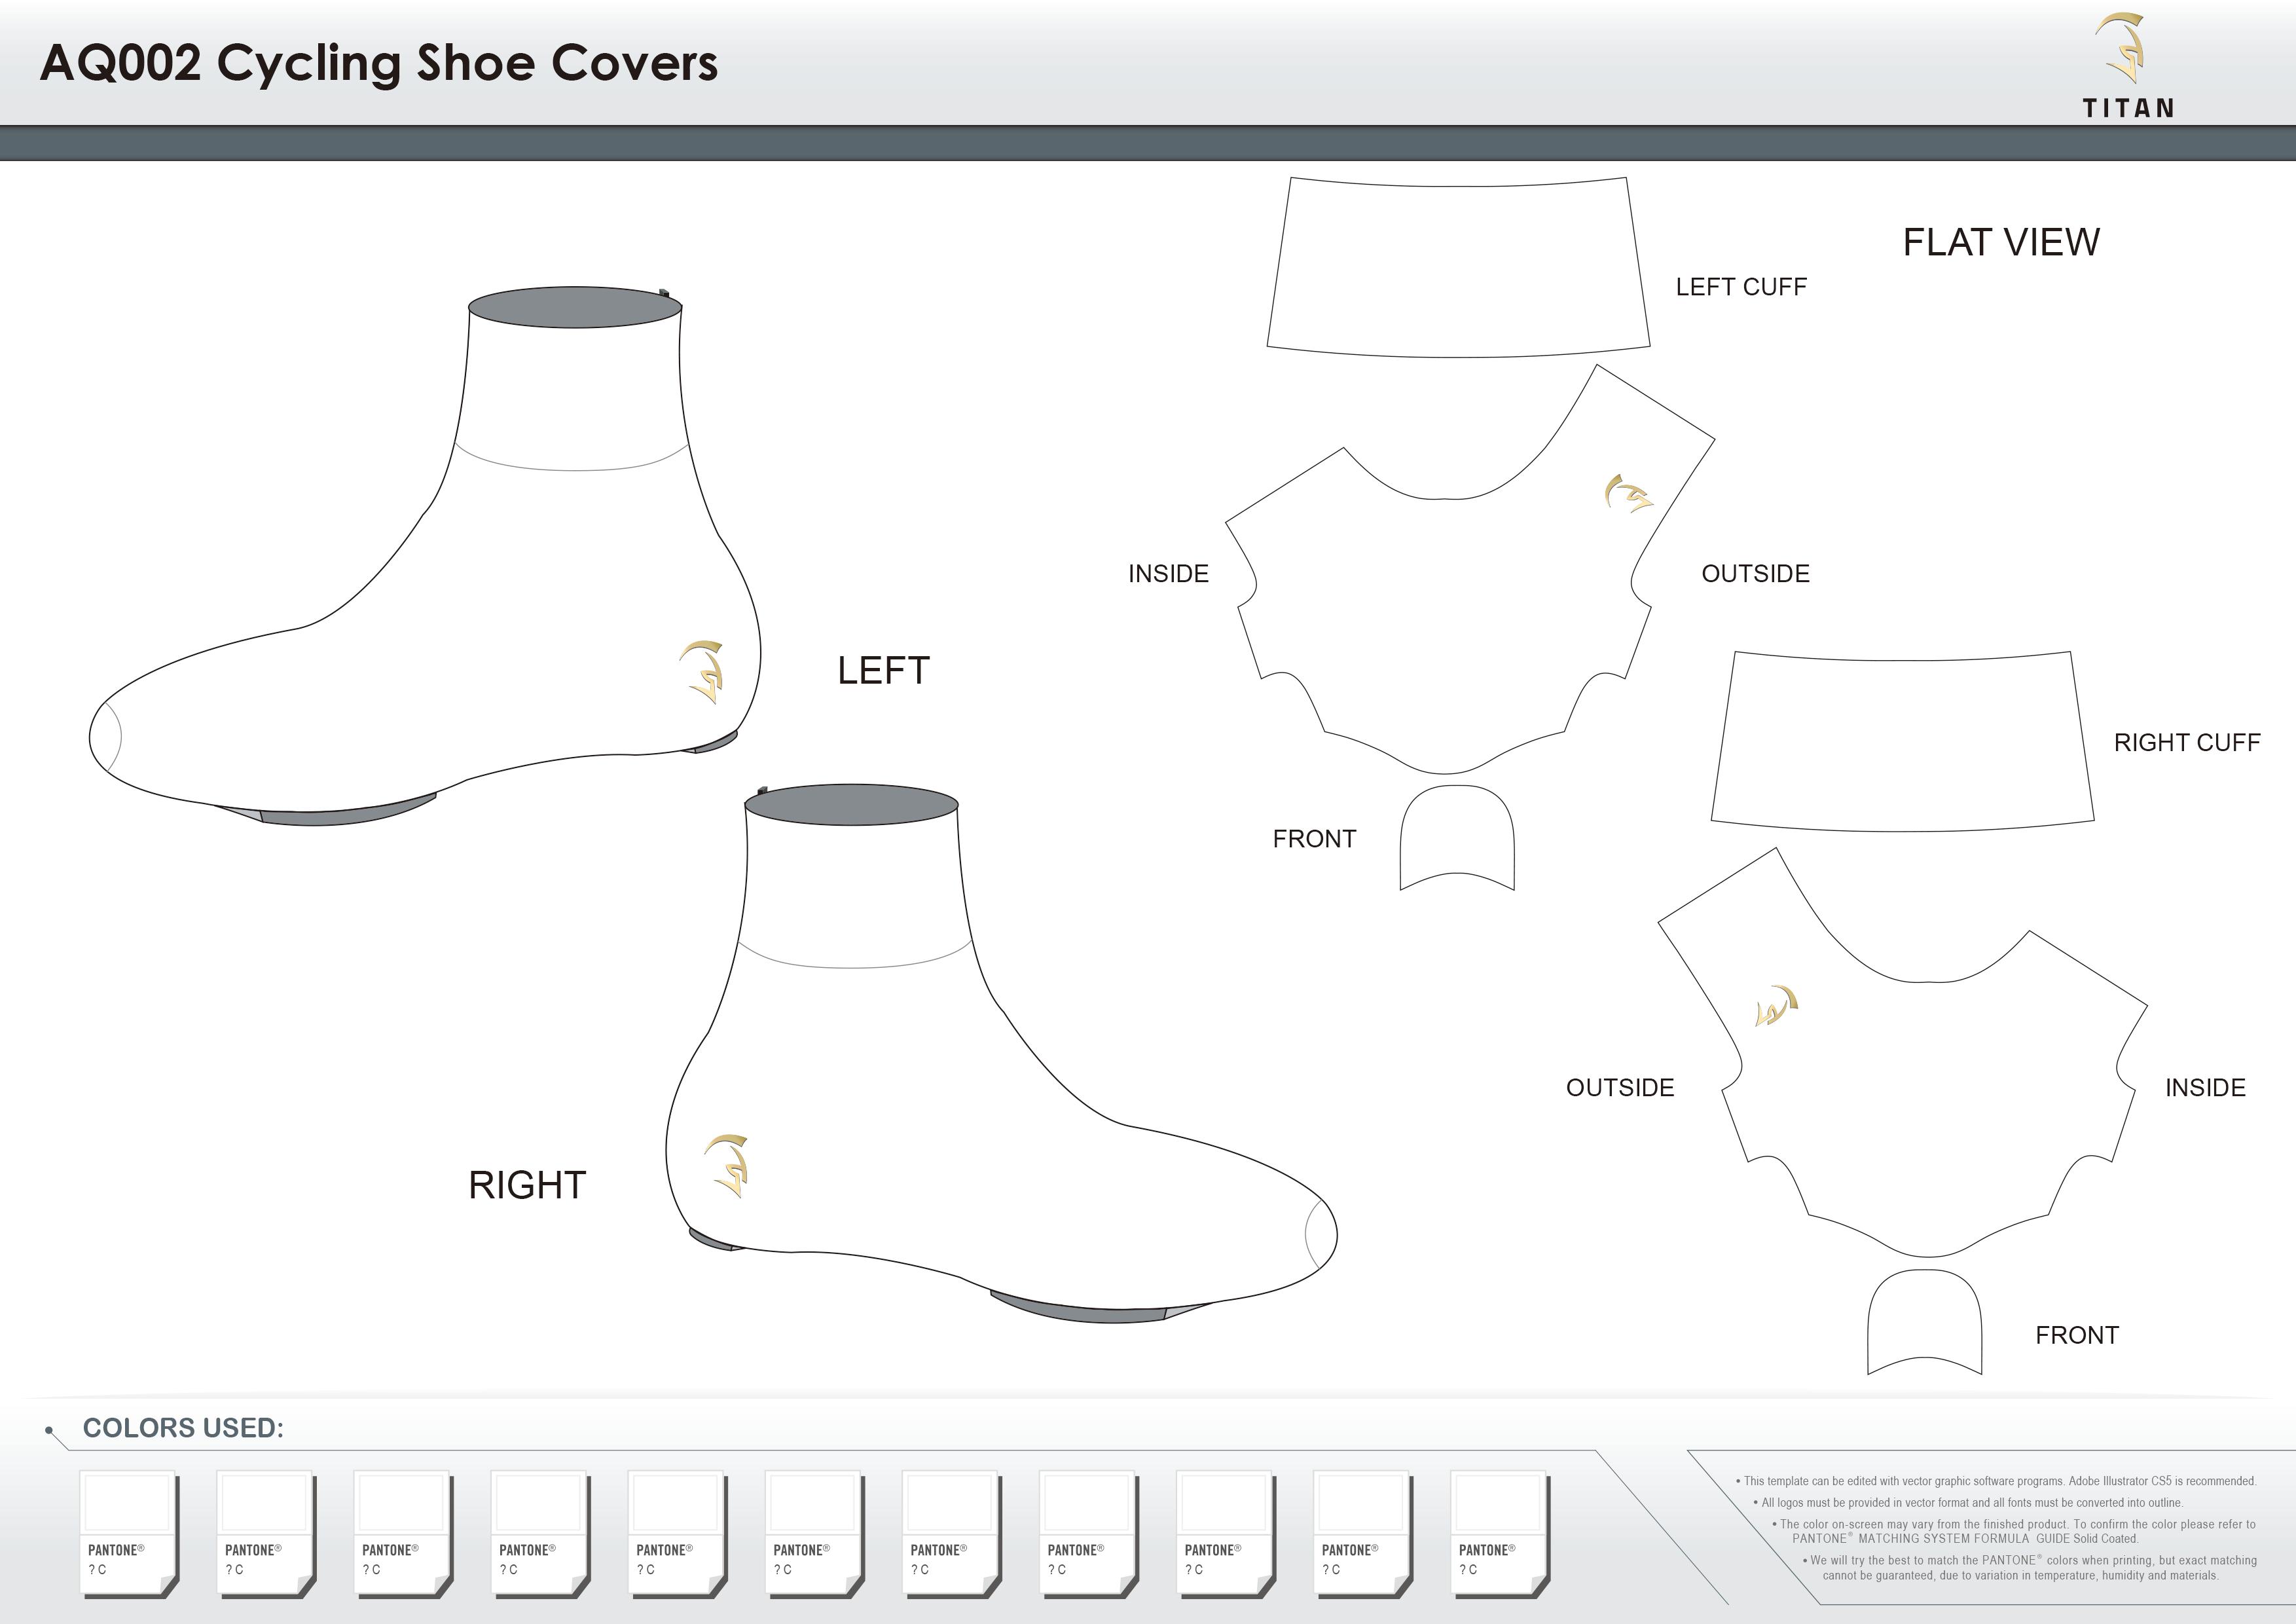 AQ002 Cycling Shoe Covers